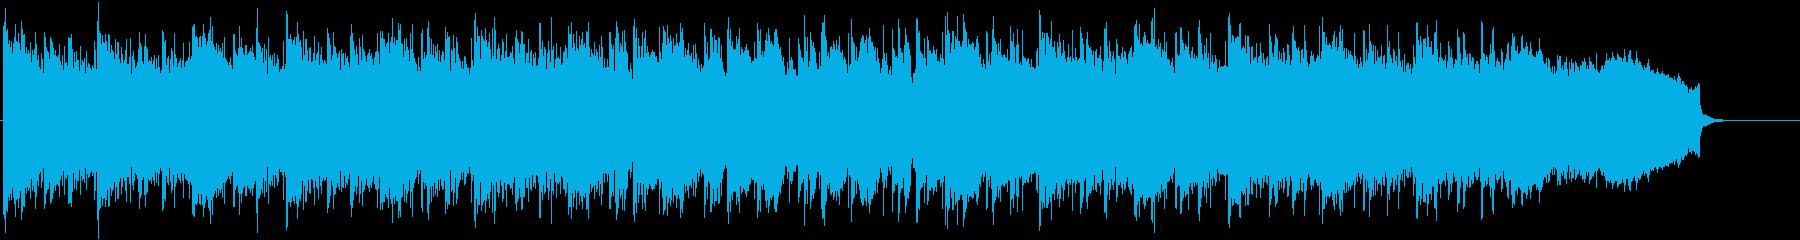 浮遊感のある幻想的なシンセサイザーの再生済みの波形